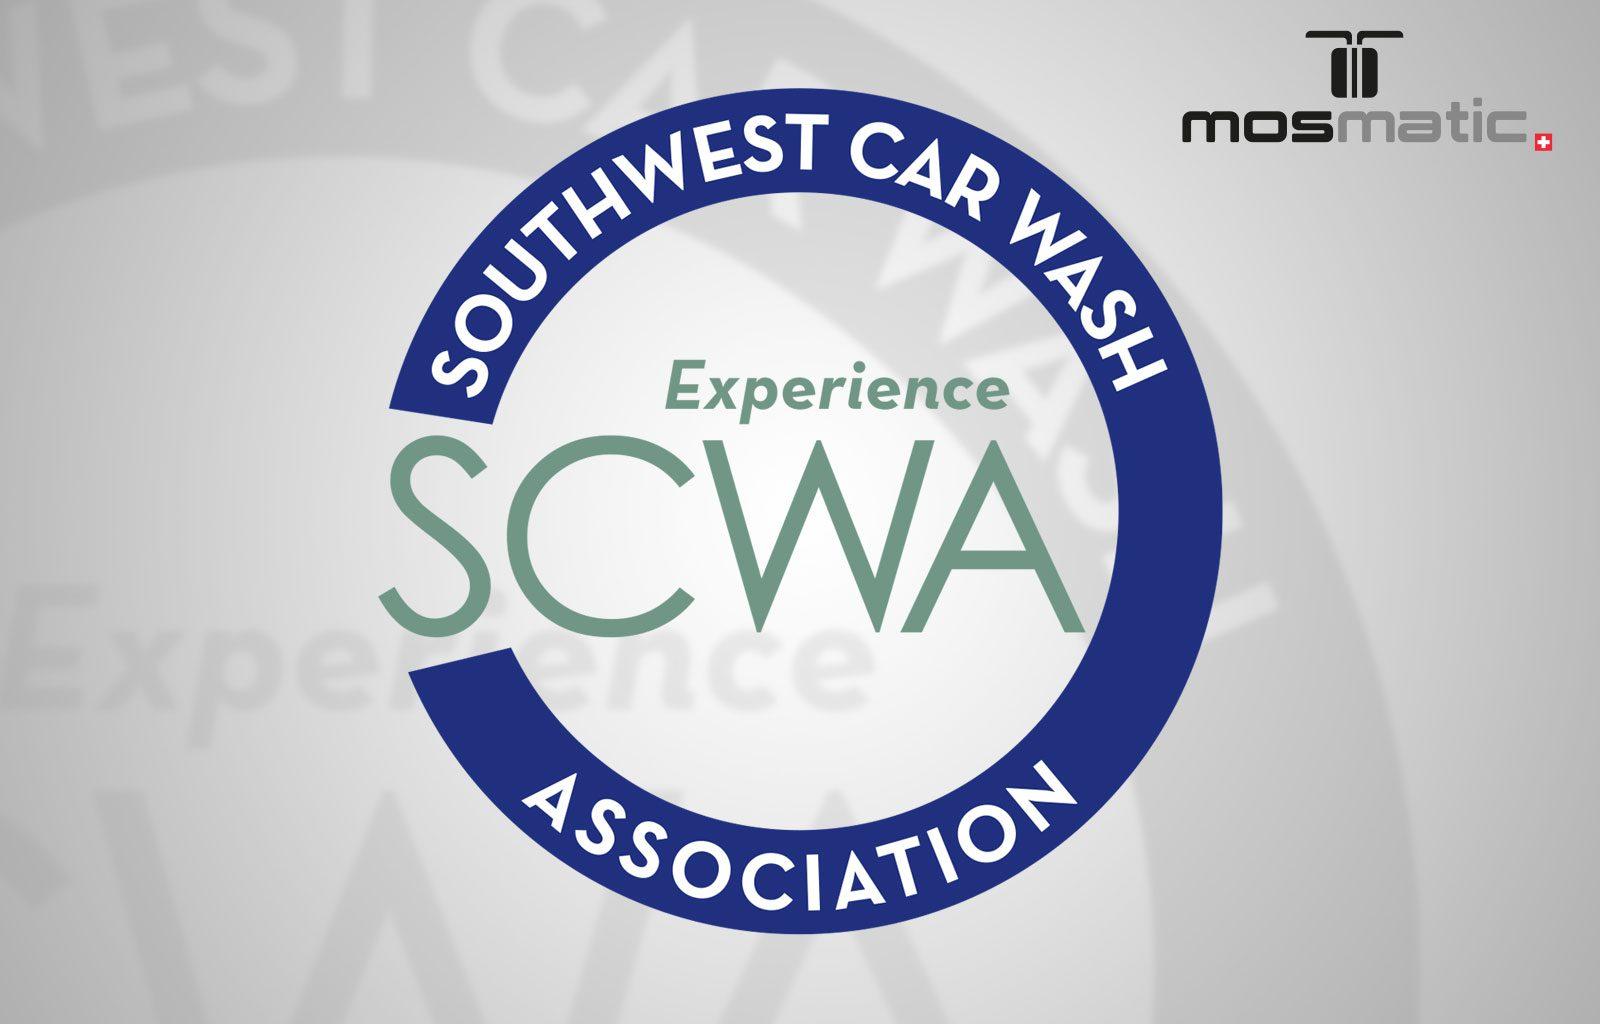 SCWA 2018